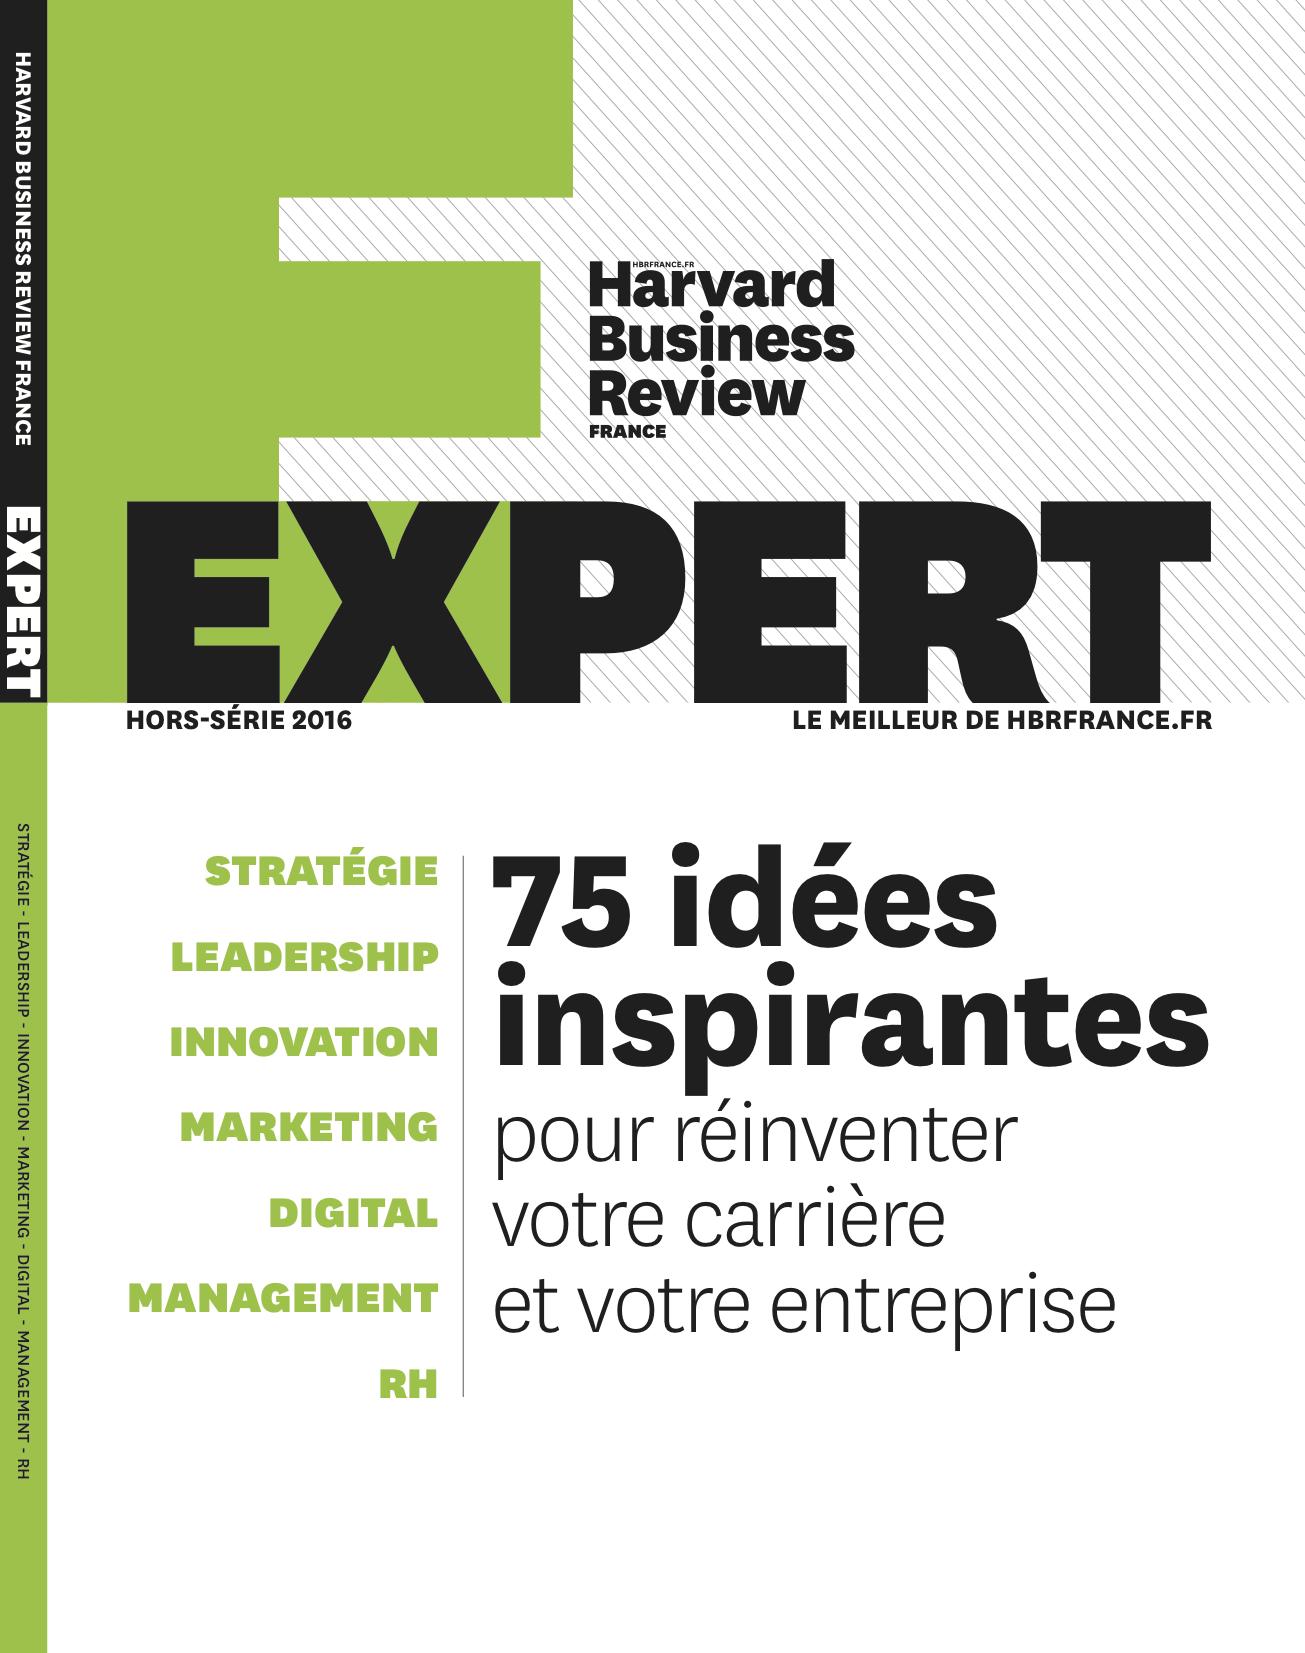 Hors-Série Harvard Business Review Expert 2016